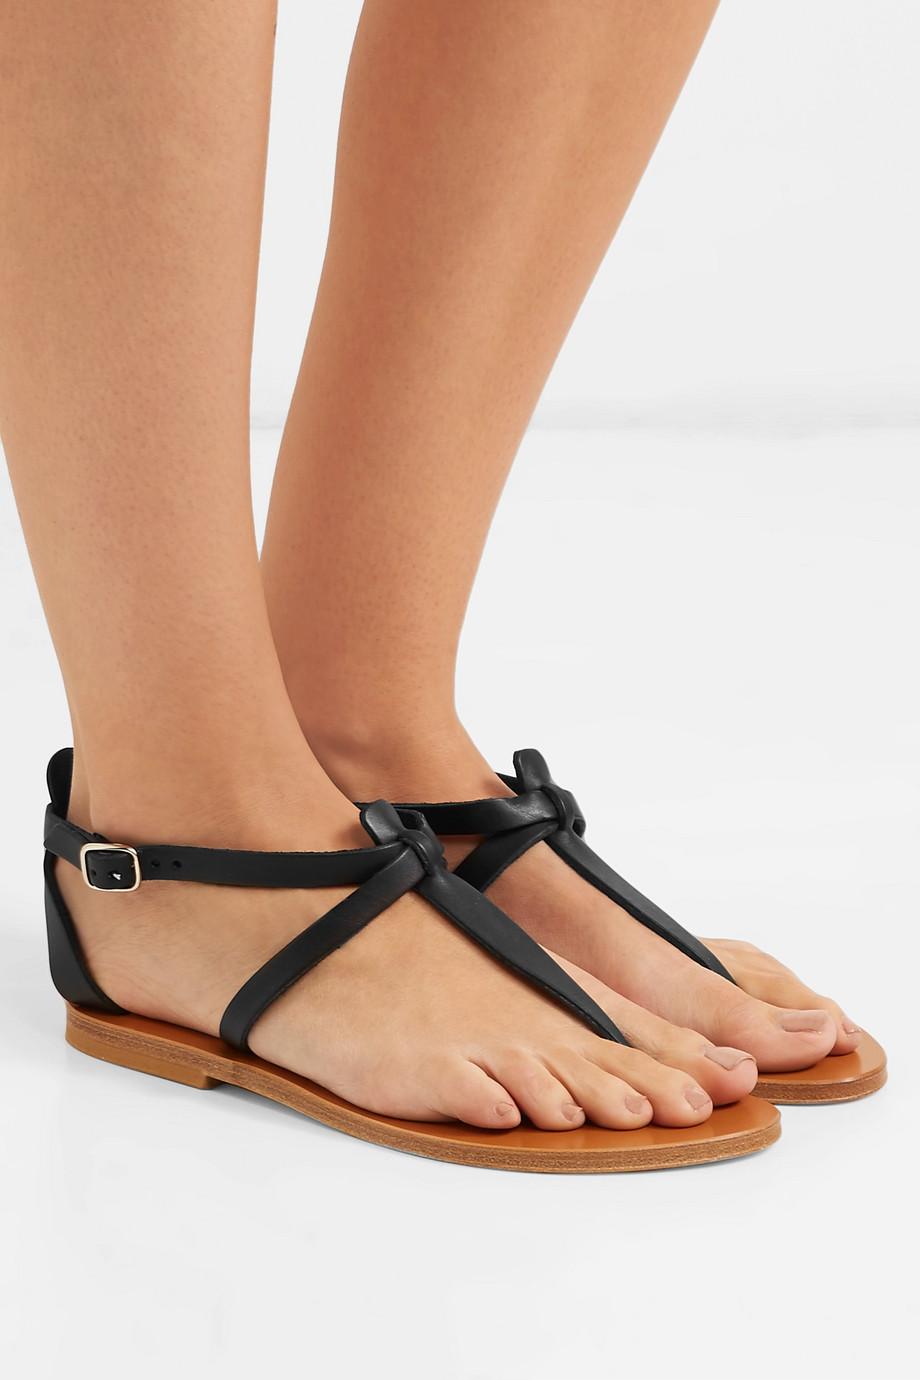 Leather Sandals K St Jacques Tropez Cedre jRA3Lc54q